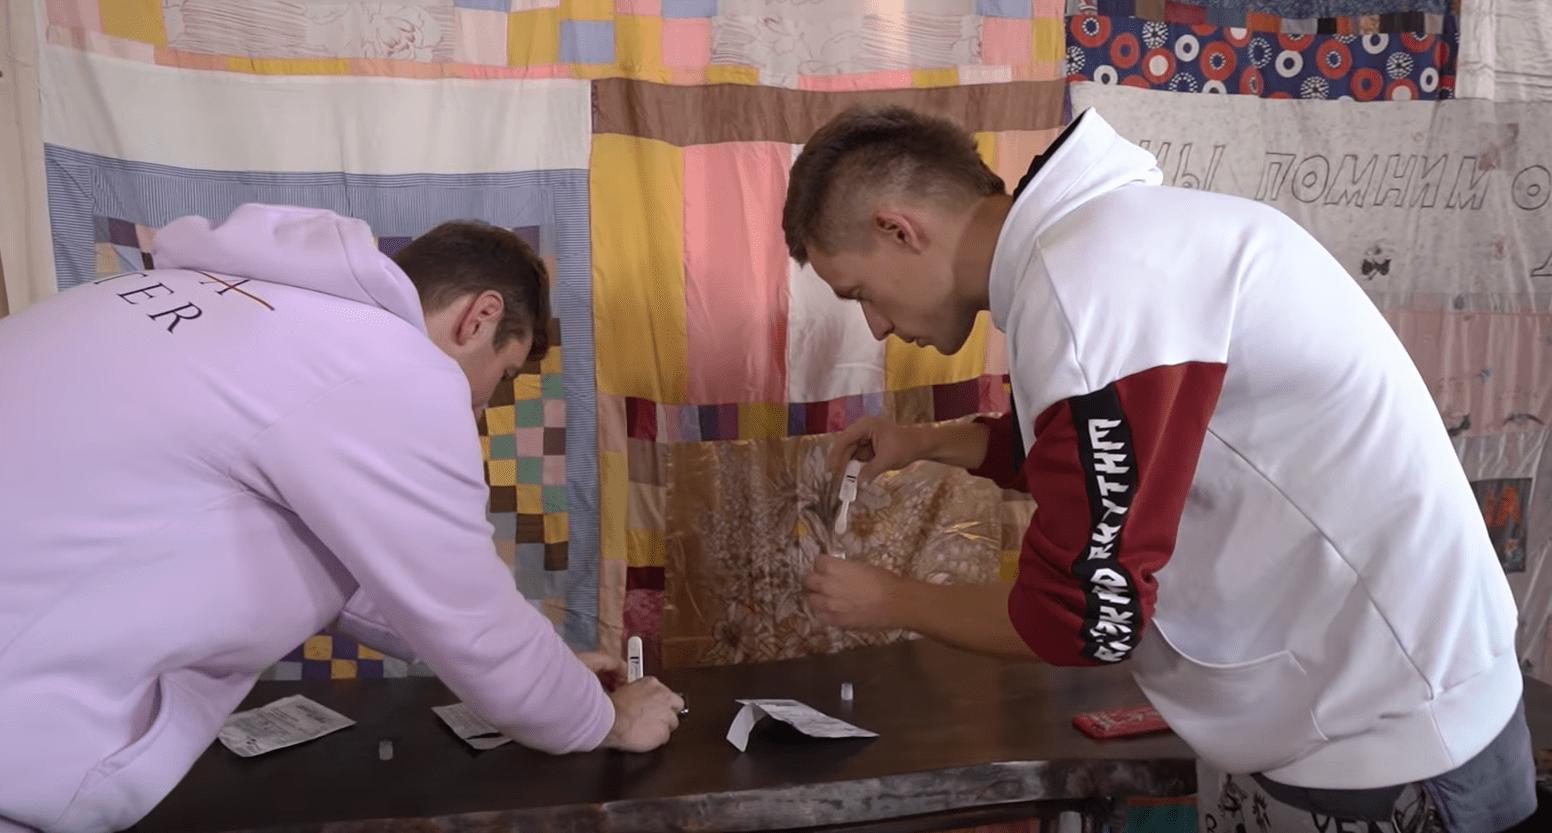 Дудь выпустил документалку о настоящей смертоносной эпидемии в России. И это не новый коронавирус, это - ВИЧ